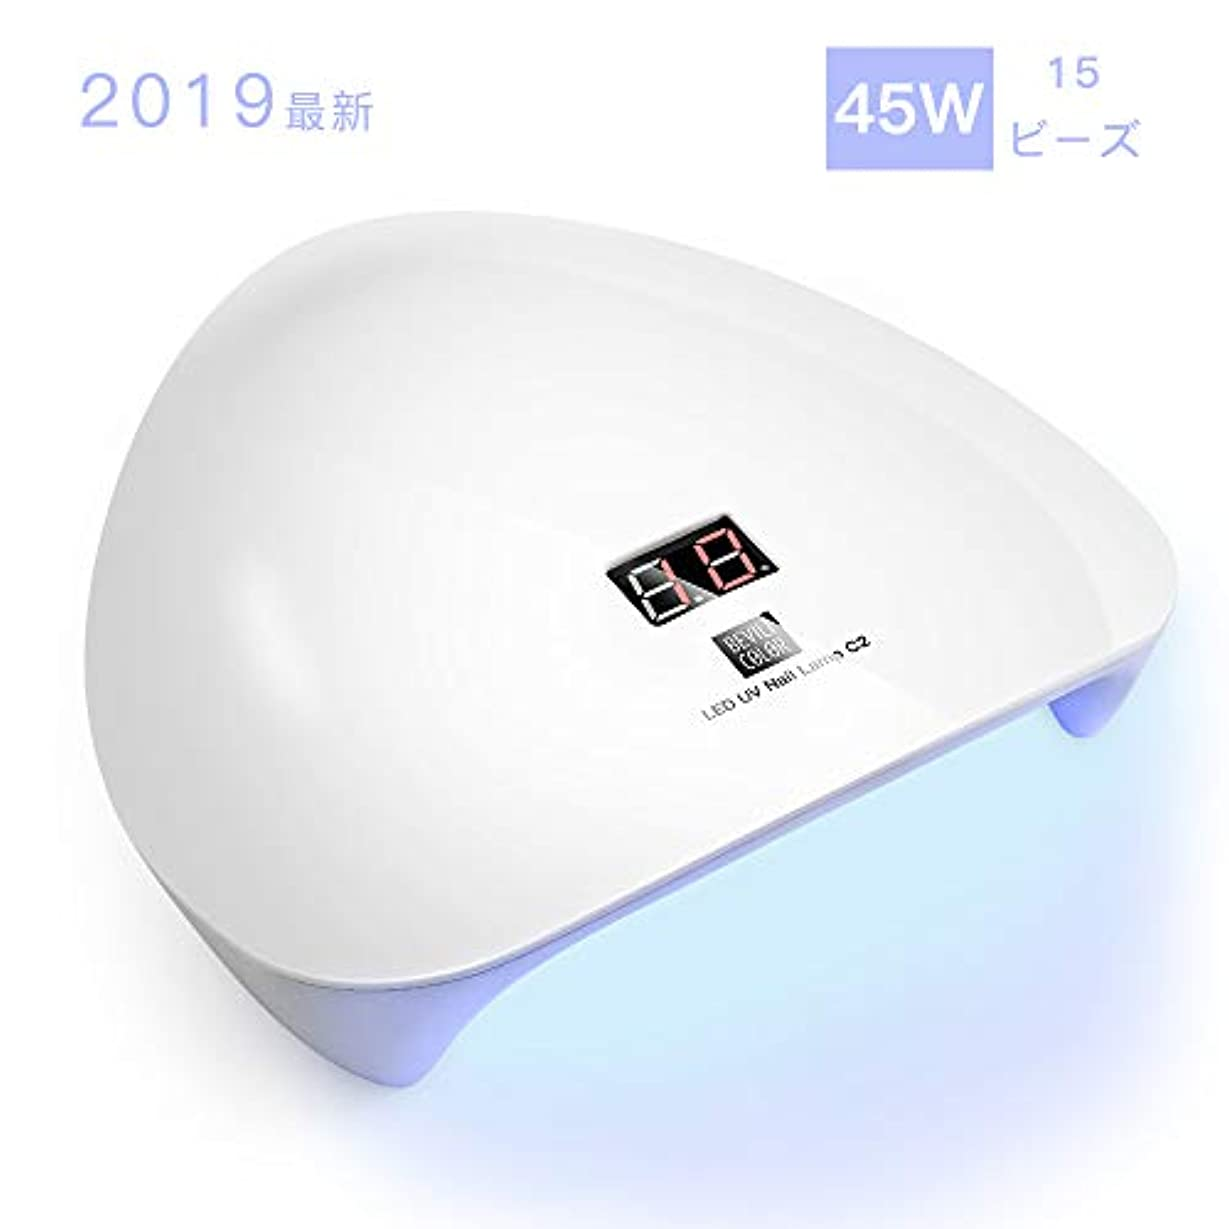 フロー採用無秩序WEVILI ネイル硬化用ライト UVライト LEDライト UVライトネイルドライヤー マニキュア用 LED ネイルドライヤー タイマー機能 自動センサー機能 レジンにも便利